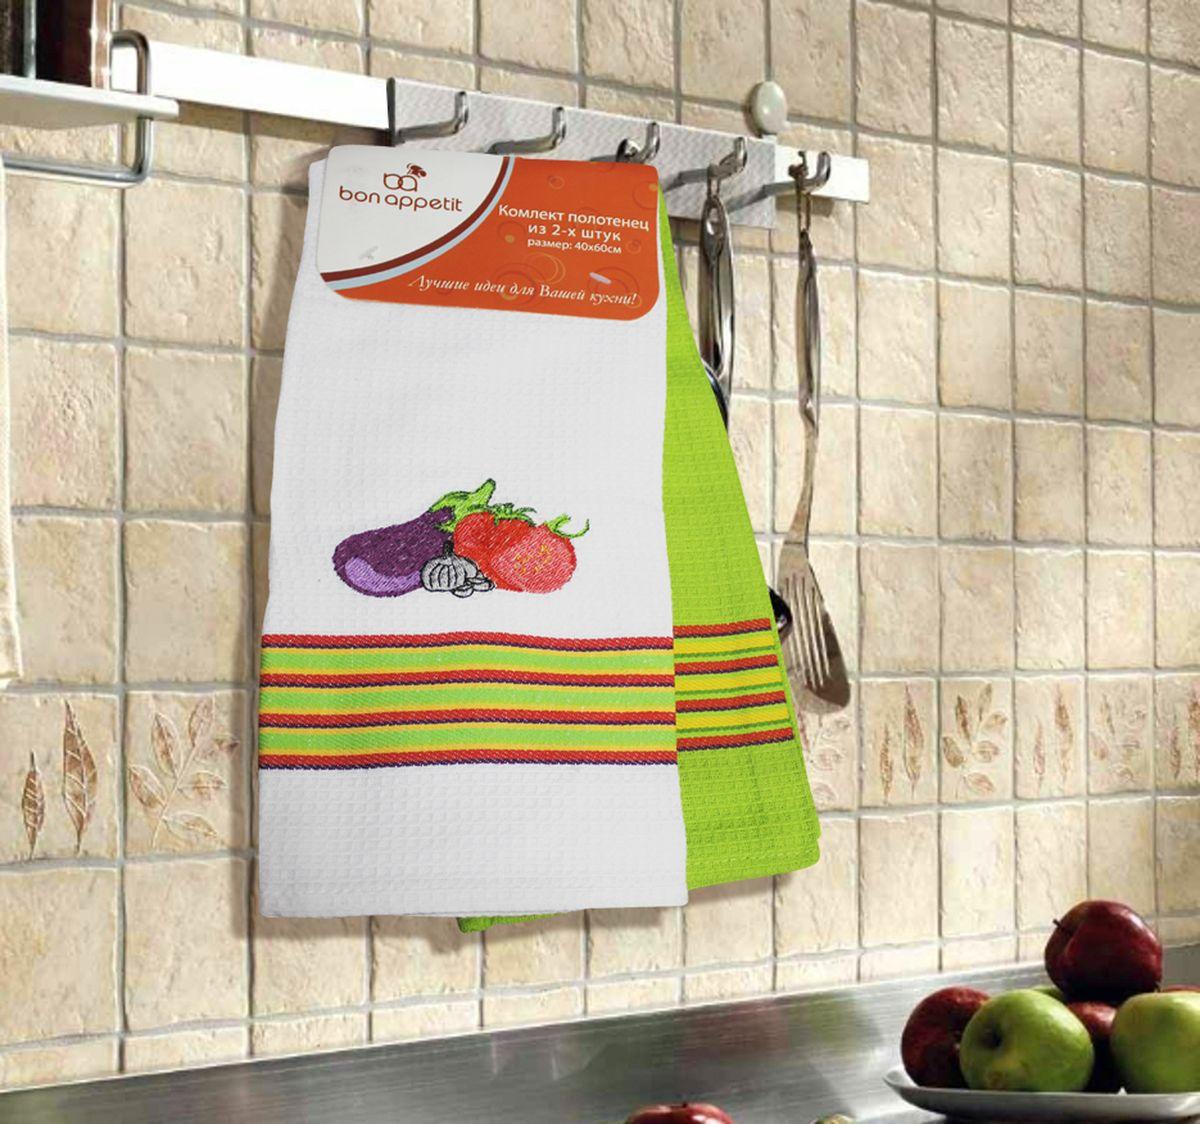 Набор кухонных полотенец Bon Appetit Vegetables, цвет: зеленый, 2 шт1004900000360Кухонные Полотенца Bon Appetit - В помощь хозяйке на кухне!!! Кухонные Полотенца Bon Appetit идеально дополнят интерьер вашей кухни и создадут атмосферу уюта и комфорта. Полотенца выполнены из натурального 100% Хлопка, поэтому являются экологически чистыми. Качество материала гарантирует безопасность не только взрослых, но и самых маленьких членов семьи.Bon Appetit – Интерьер и Практичность Современной Кухни!